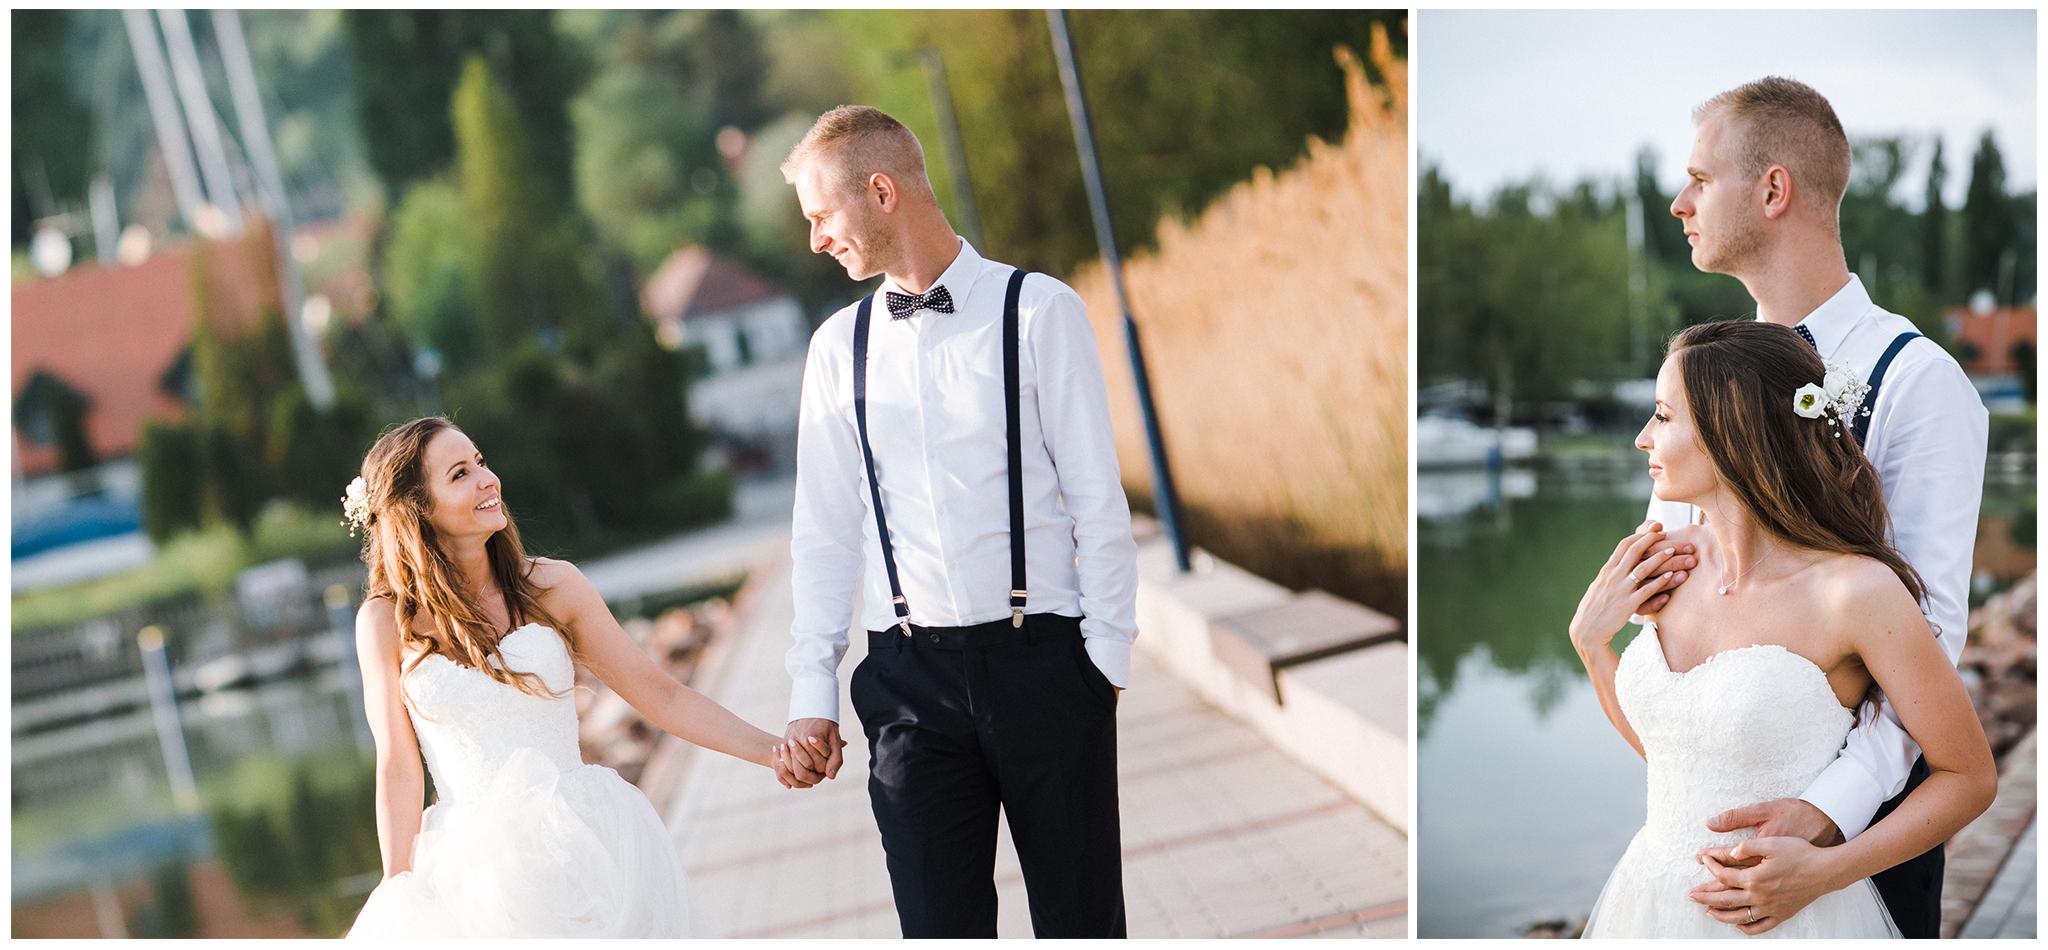 MONT_FylepPhoto, Esküvőfotós Vasmegye, Esküvő fotózás, Esküvői fotós, Körmend, Vas megye, Dunántúl, Budapest, Fülöp Péter, Jegyes fotózás, jegyes, kreatív, kreatívfotózás, Balaton_Réka&Peti,2018_014.jpg